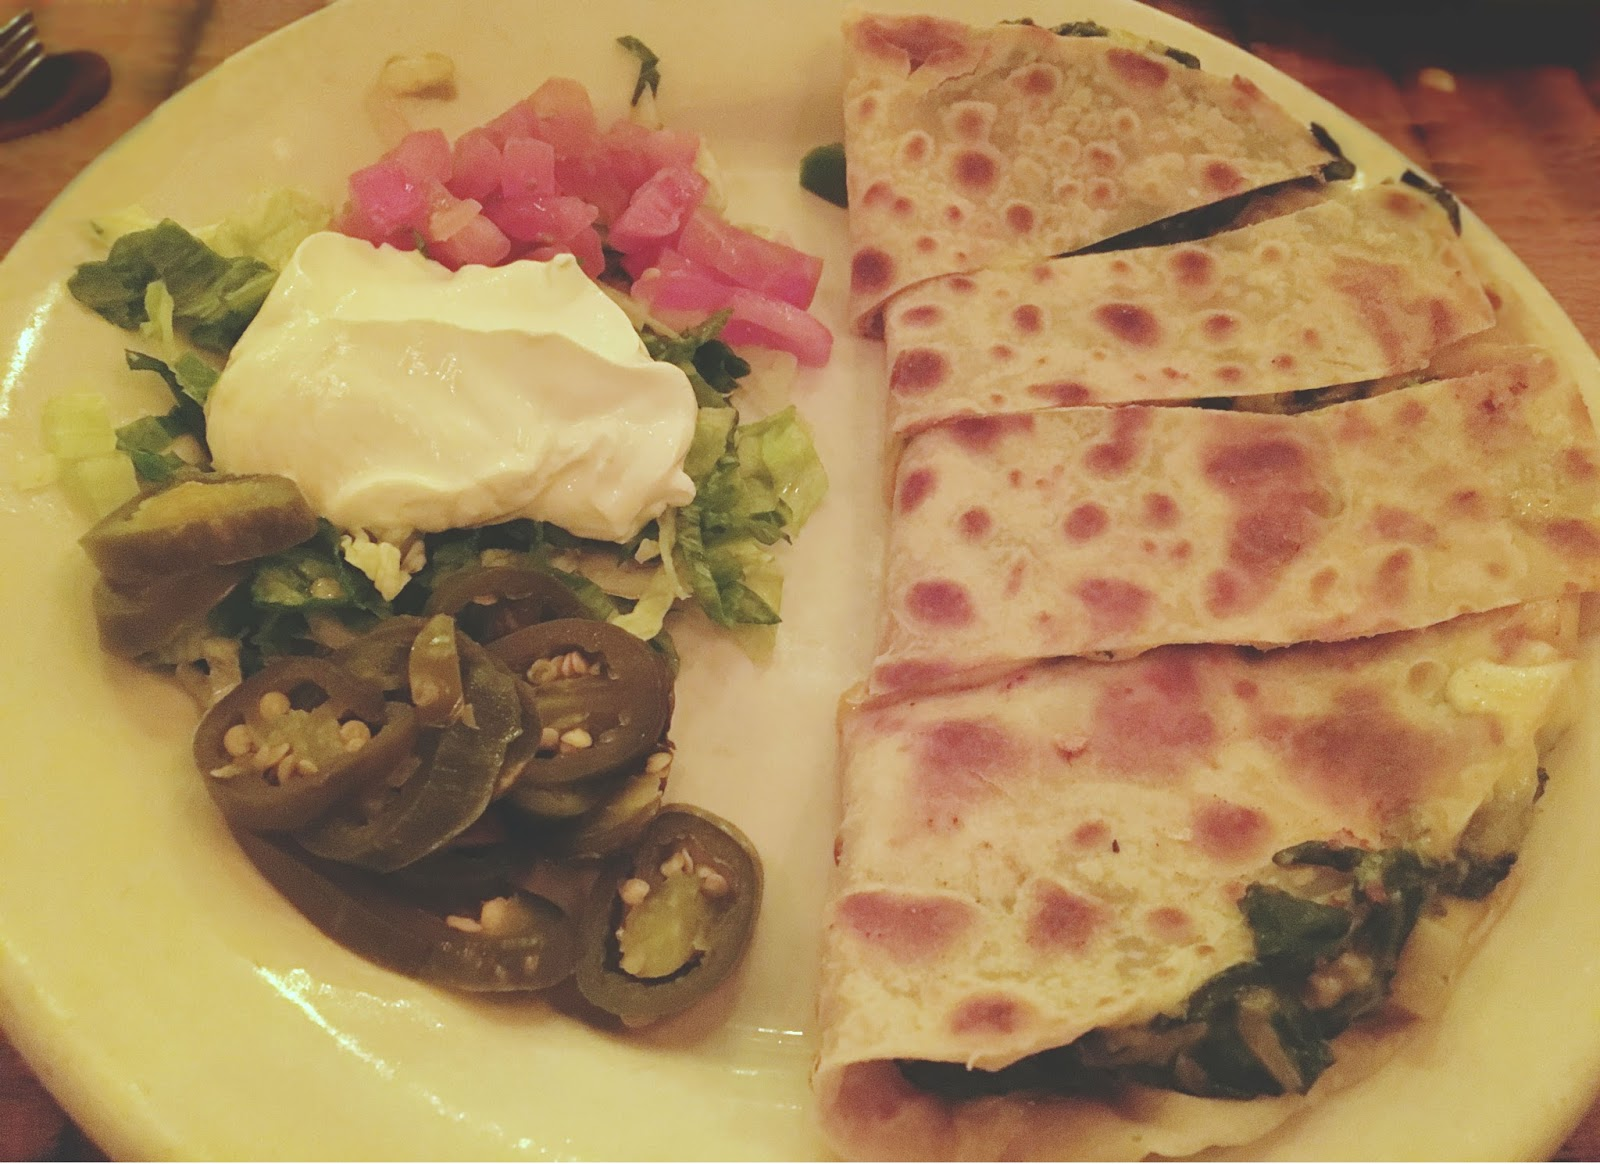 quesadilla at El Tiempo - a Mexican restaurant in Houston, Texas